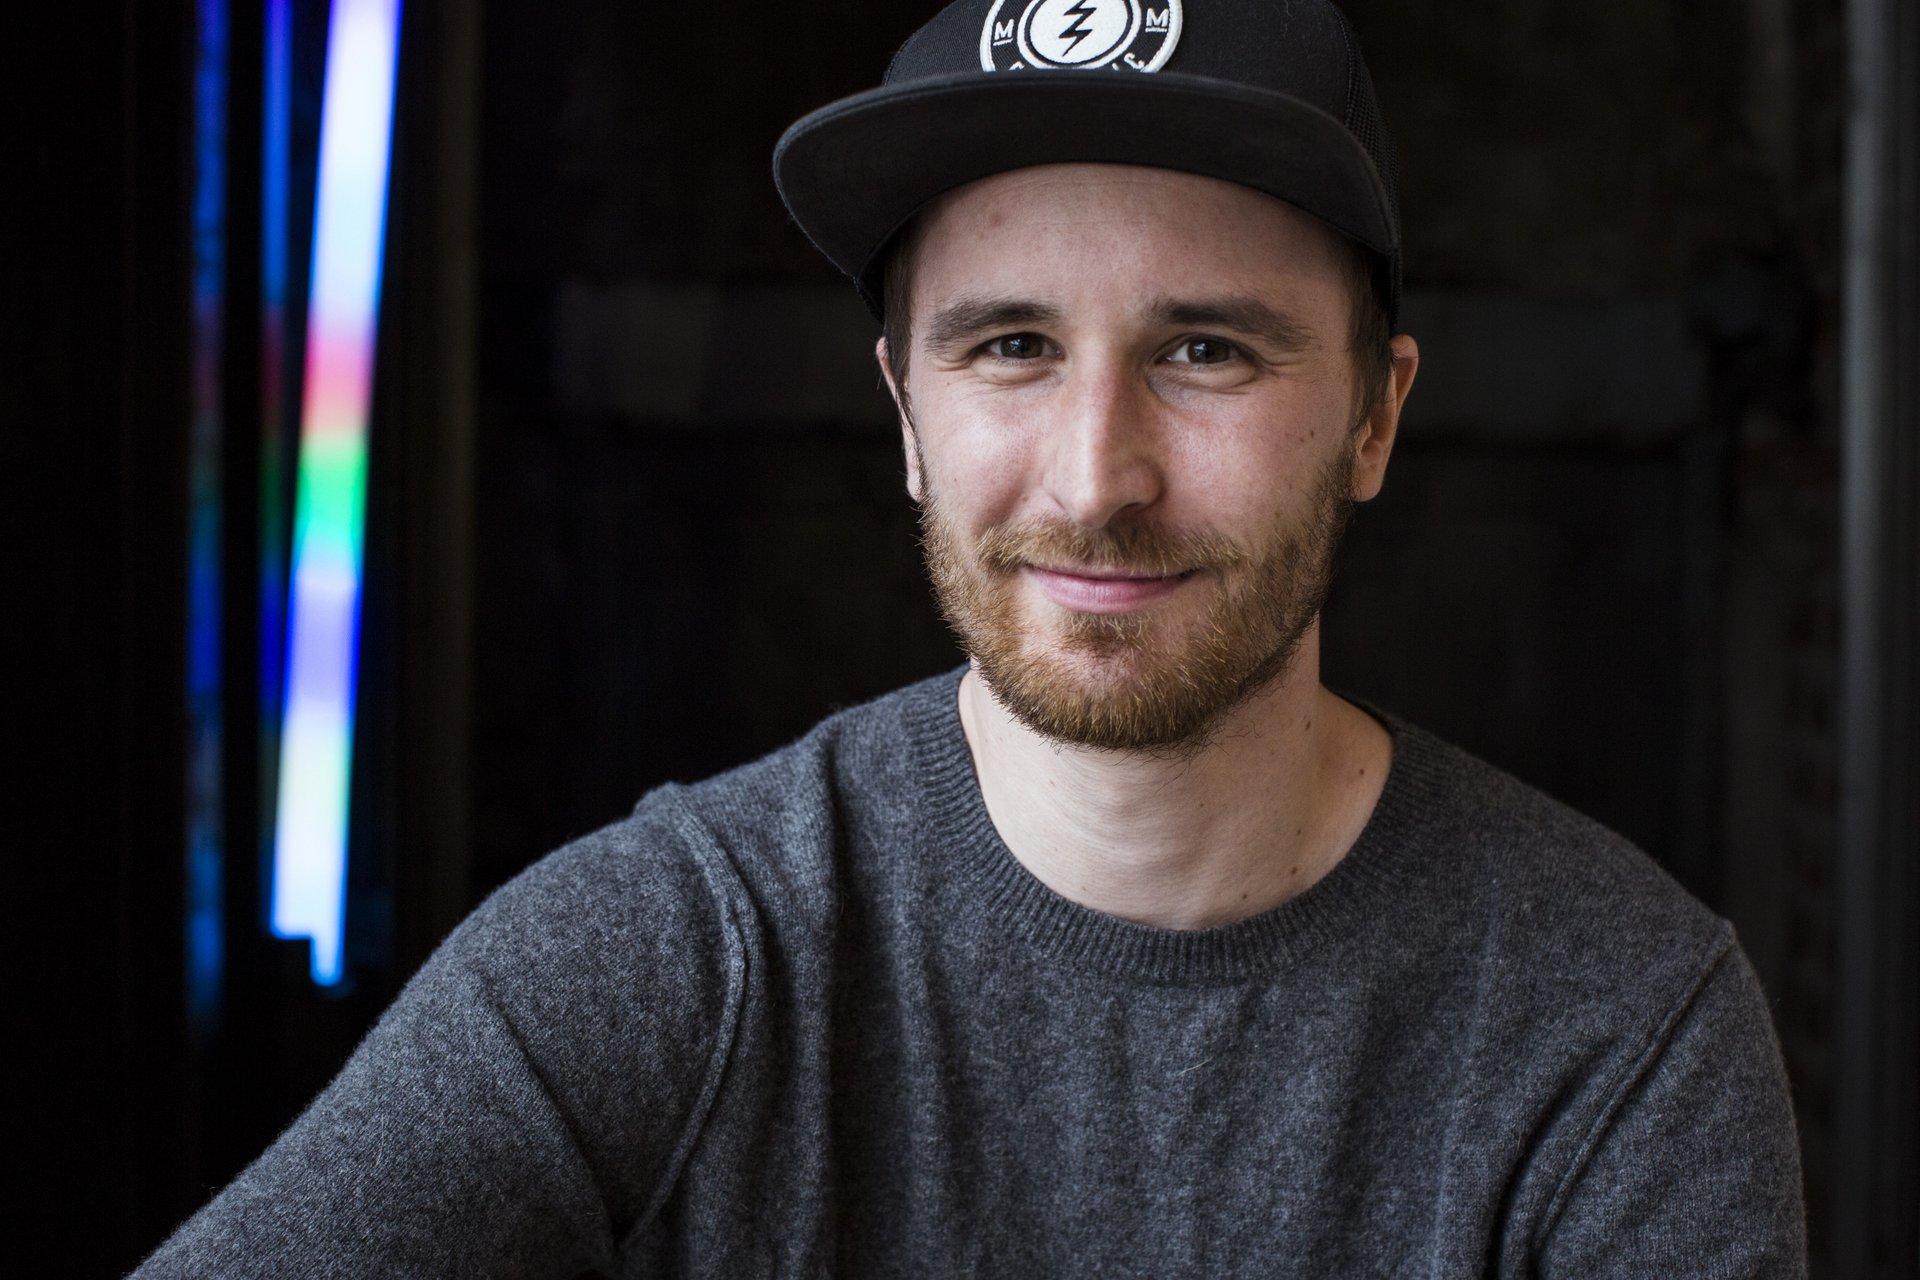 Dominik Strohbeck eitelsonnenschein Filmproduktion Köln